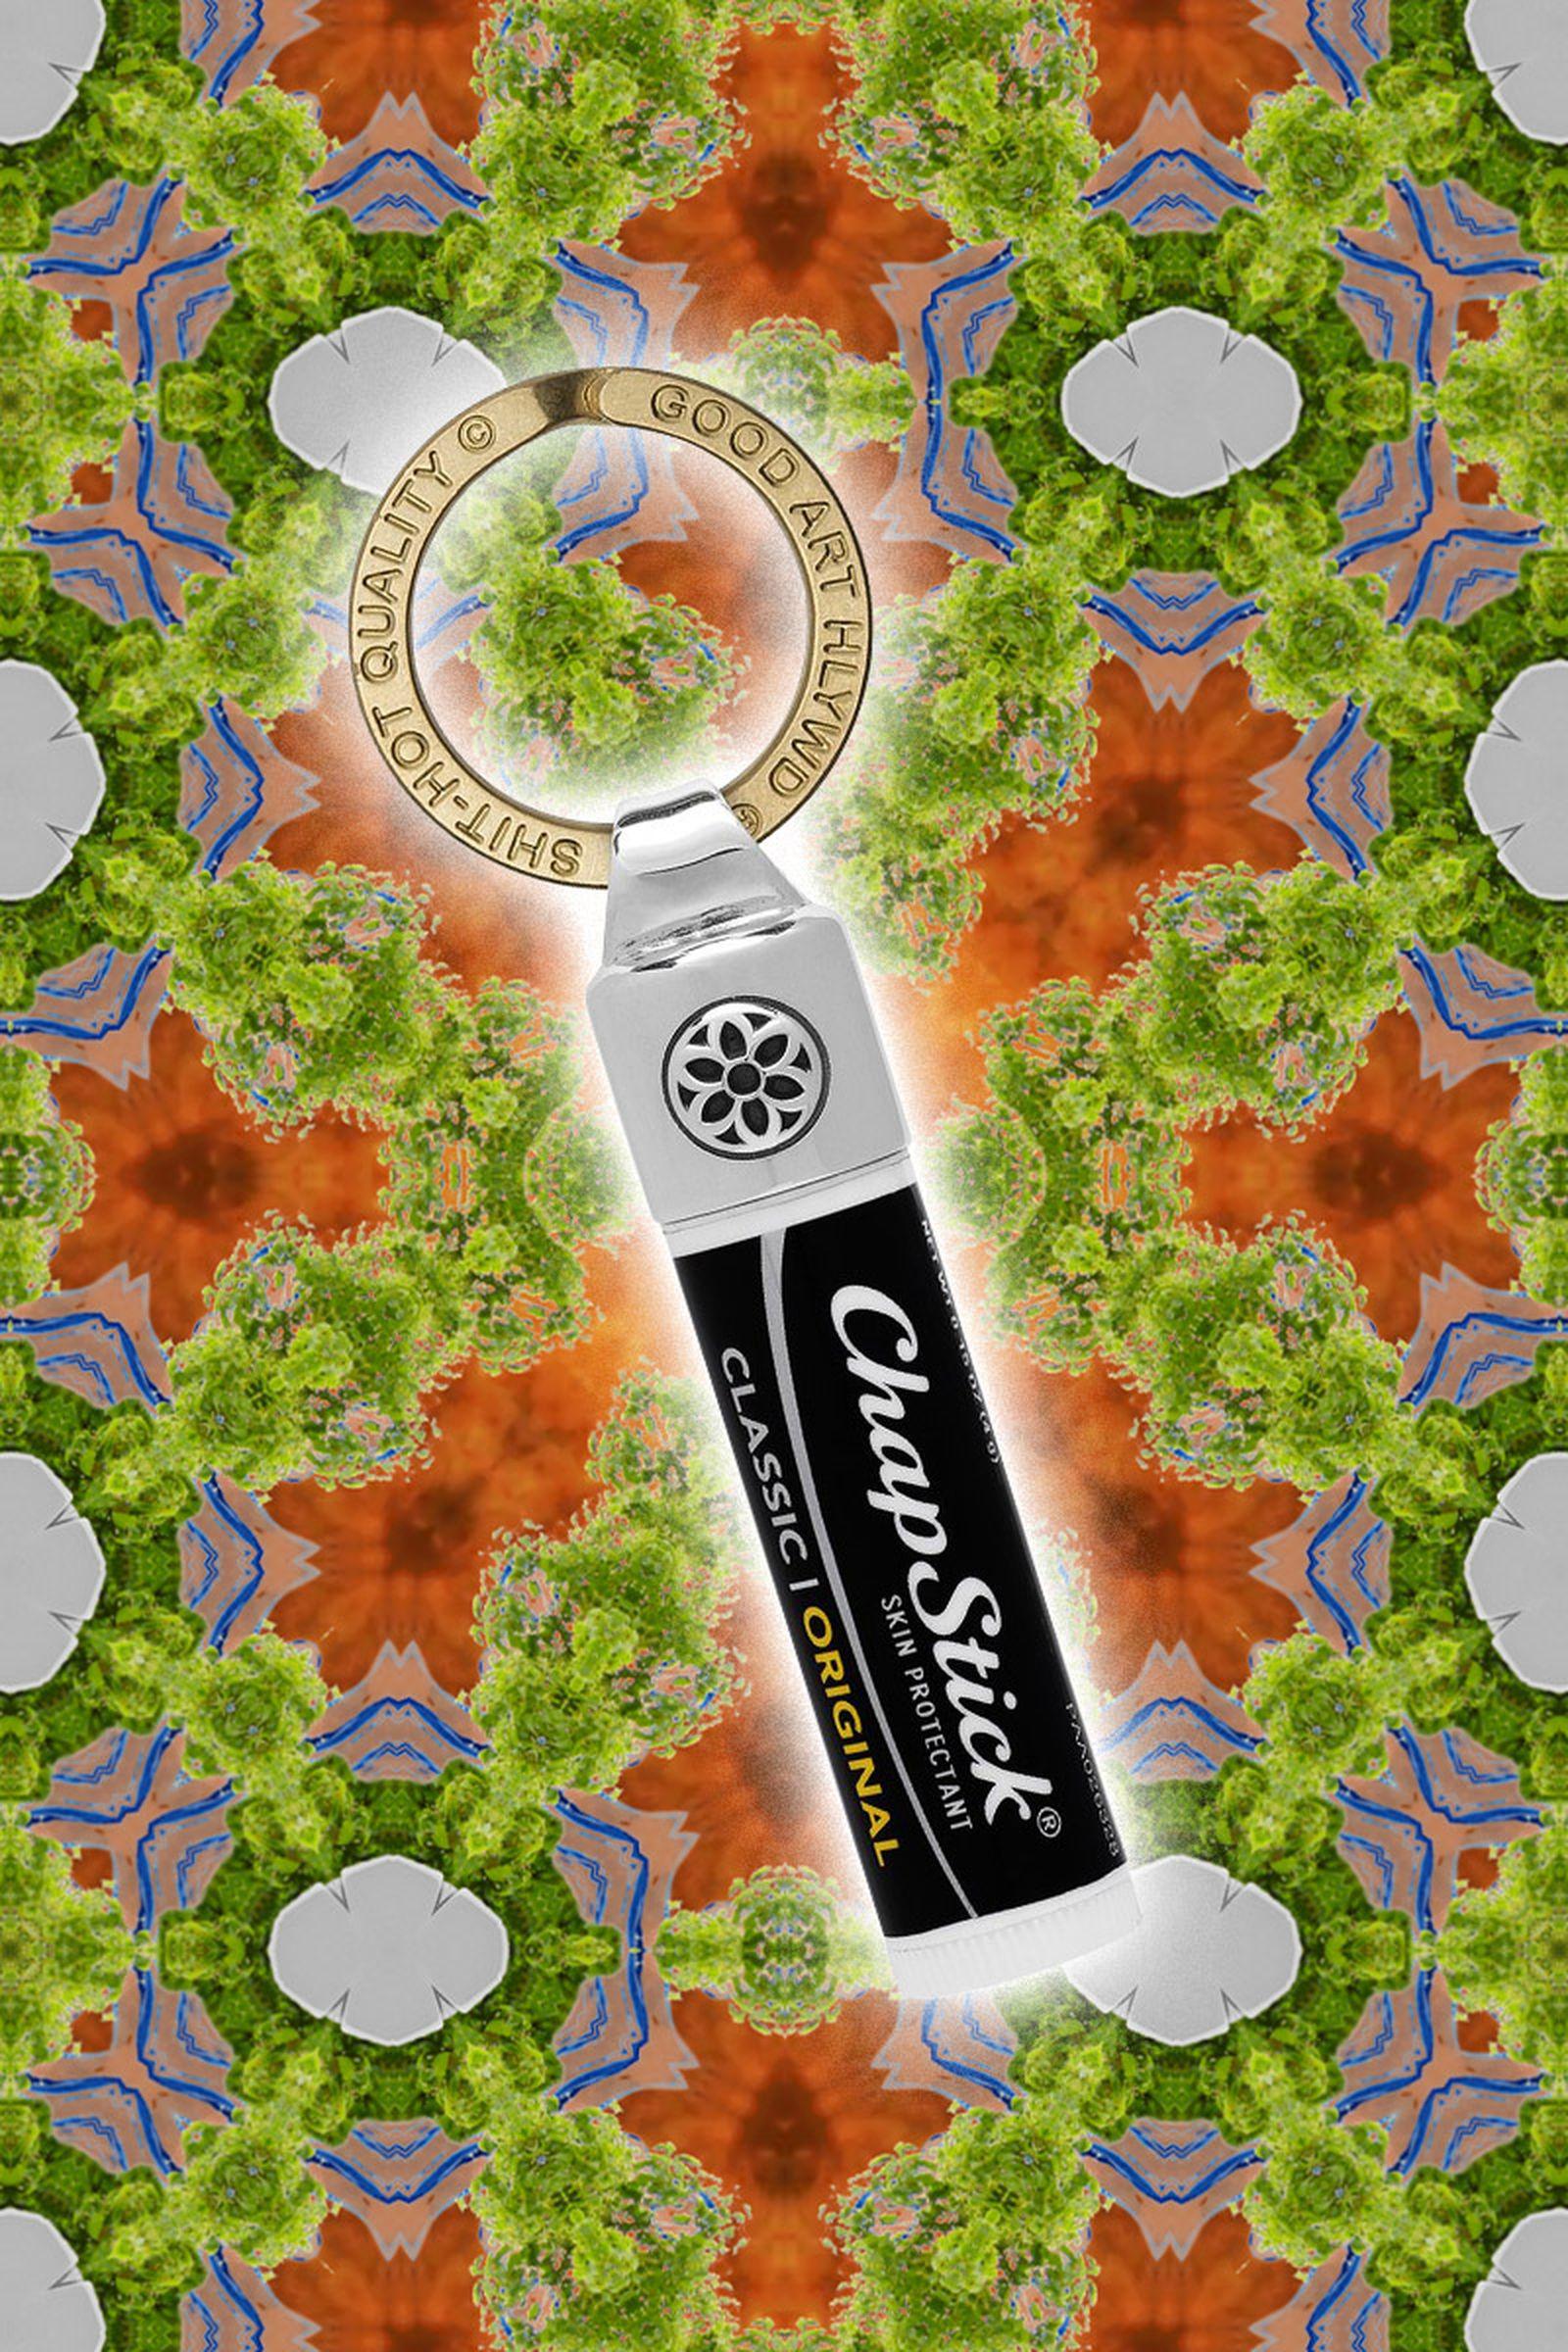 Chapstick 2ED Materialist Balm Dot Com FA Ralph Lauren filson living libations